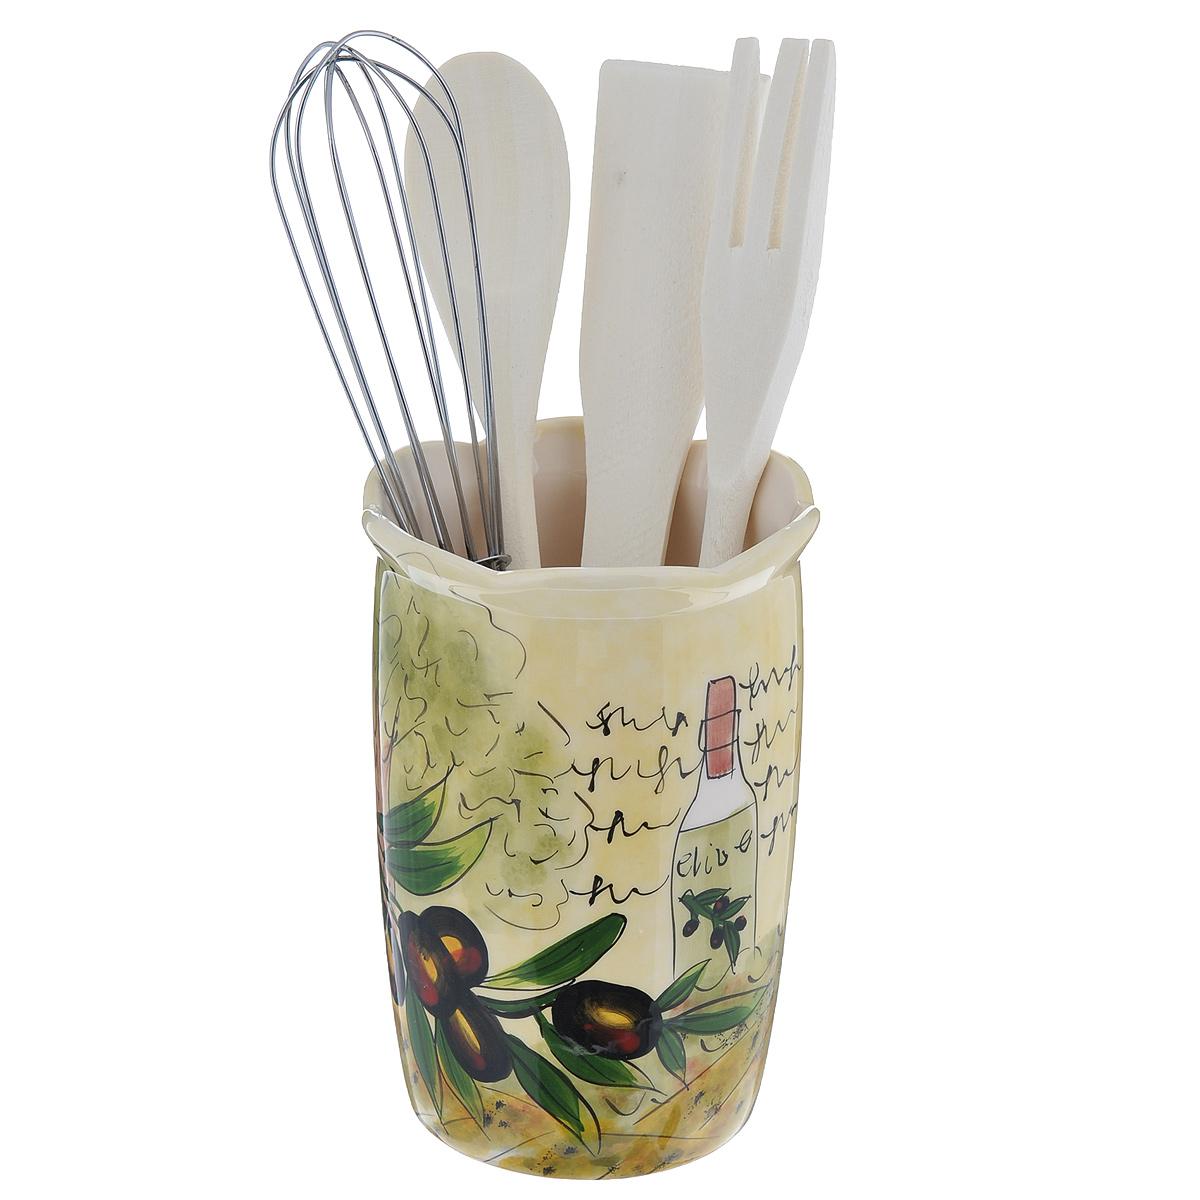 Набор кухонных принадлежностей Маслины, 5 предметовDFC02608-02208 5/SНабор кухонных принадлежностей Маслины состоит из лопатки, ложки, вилки, венчика и подставки. Лопатка, вилка и ложка выполнены из высококачественного дерева и предназначены для переворачивания, перемешивания различных блюд. Металлический венчик будет незаменим для приготовления теста или крема. Предметы набора хранятся в отдельной керамической подставке, декорированной изображением маслин.Оригинальный дизайн, эстетичность и функциональность набора позволят ему стать достойным дополнением к кухонному инвентарю.Можно мыть в посудомоечной машине на минимальной температуре.